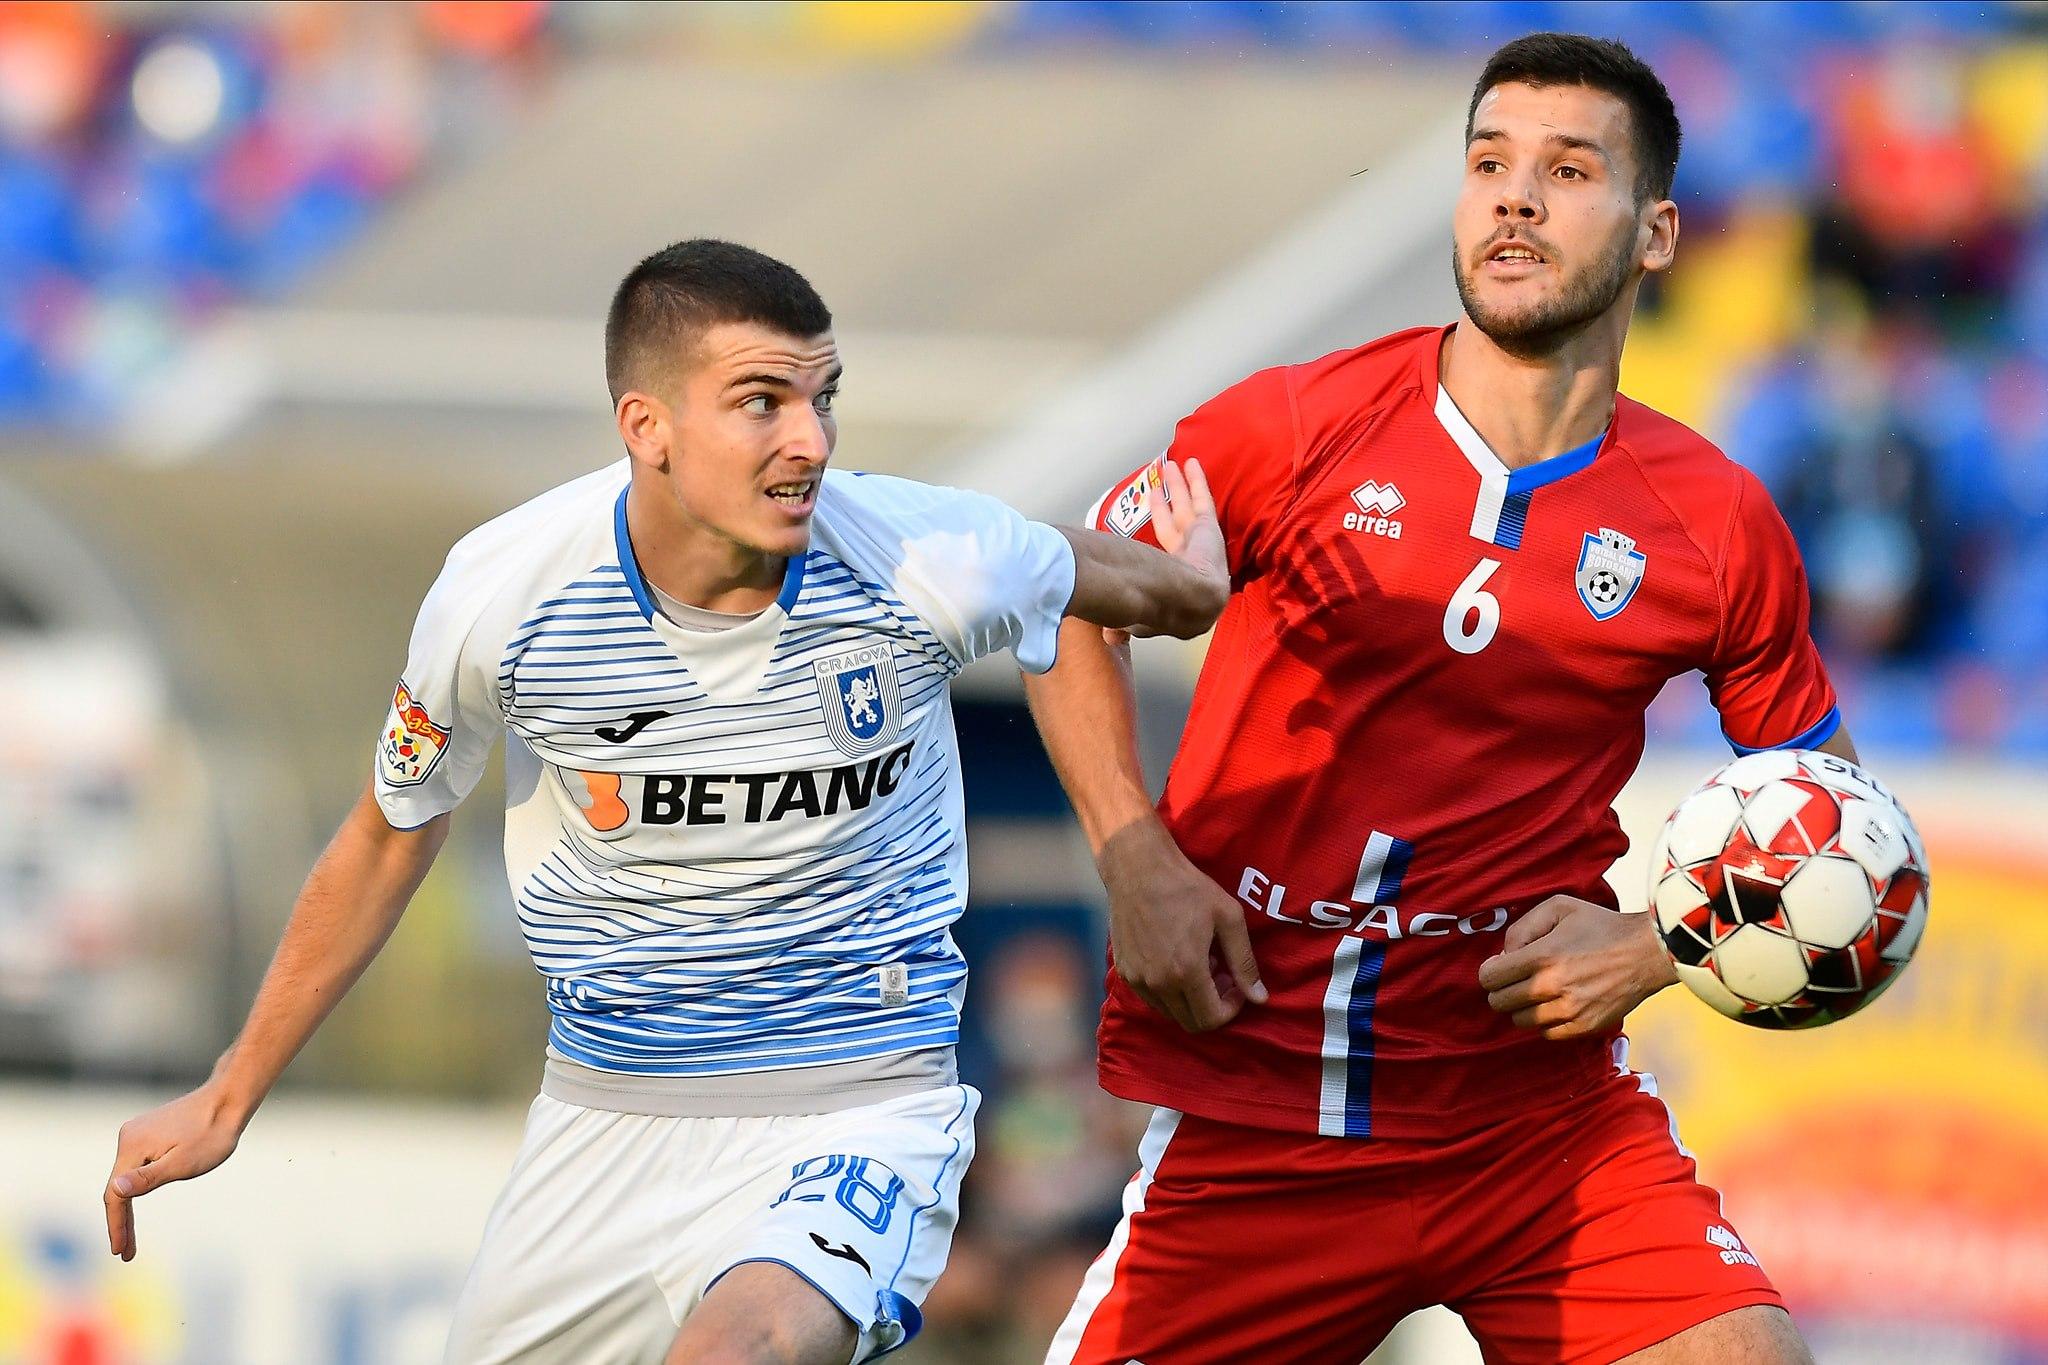 Ce se întâmplă cu Andrei Chindriș după gafele din meciul cu Universitatea Craiova?